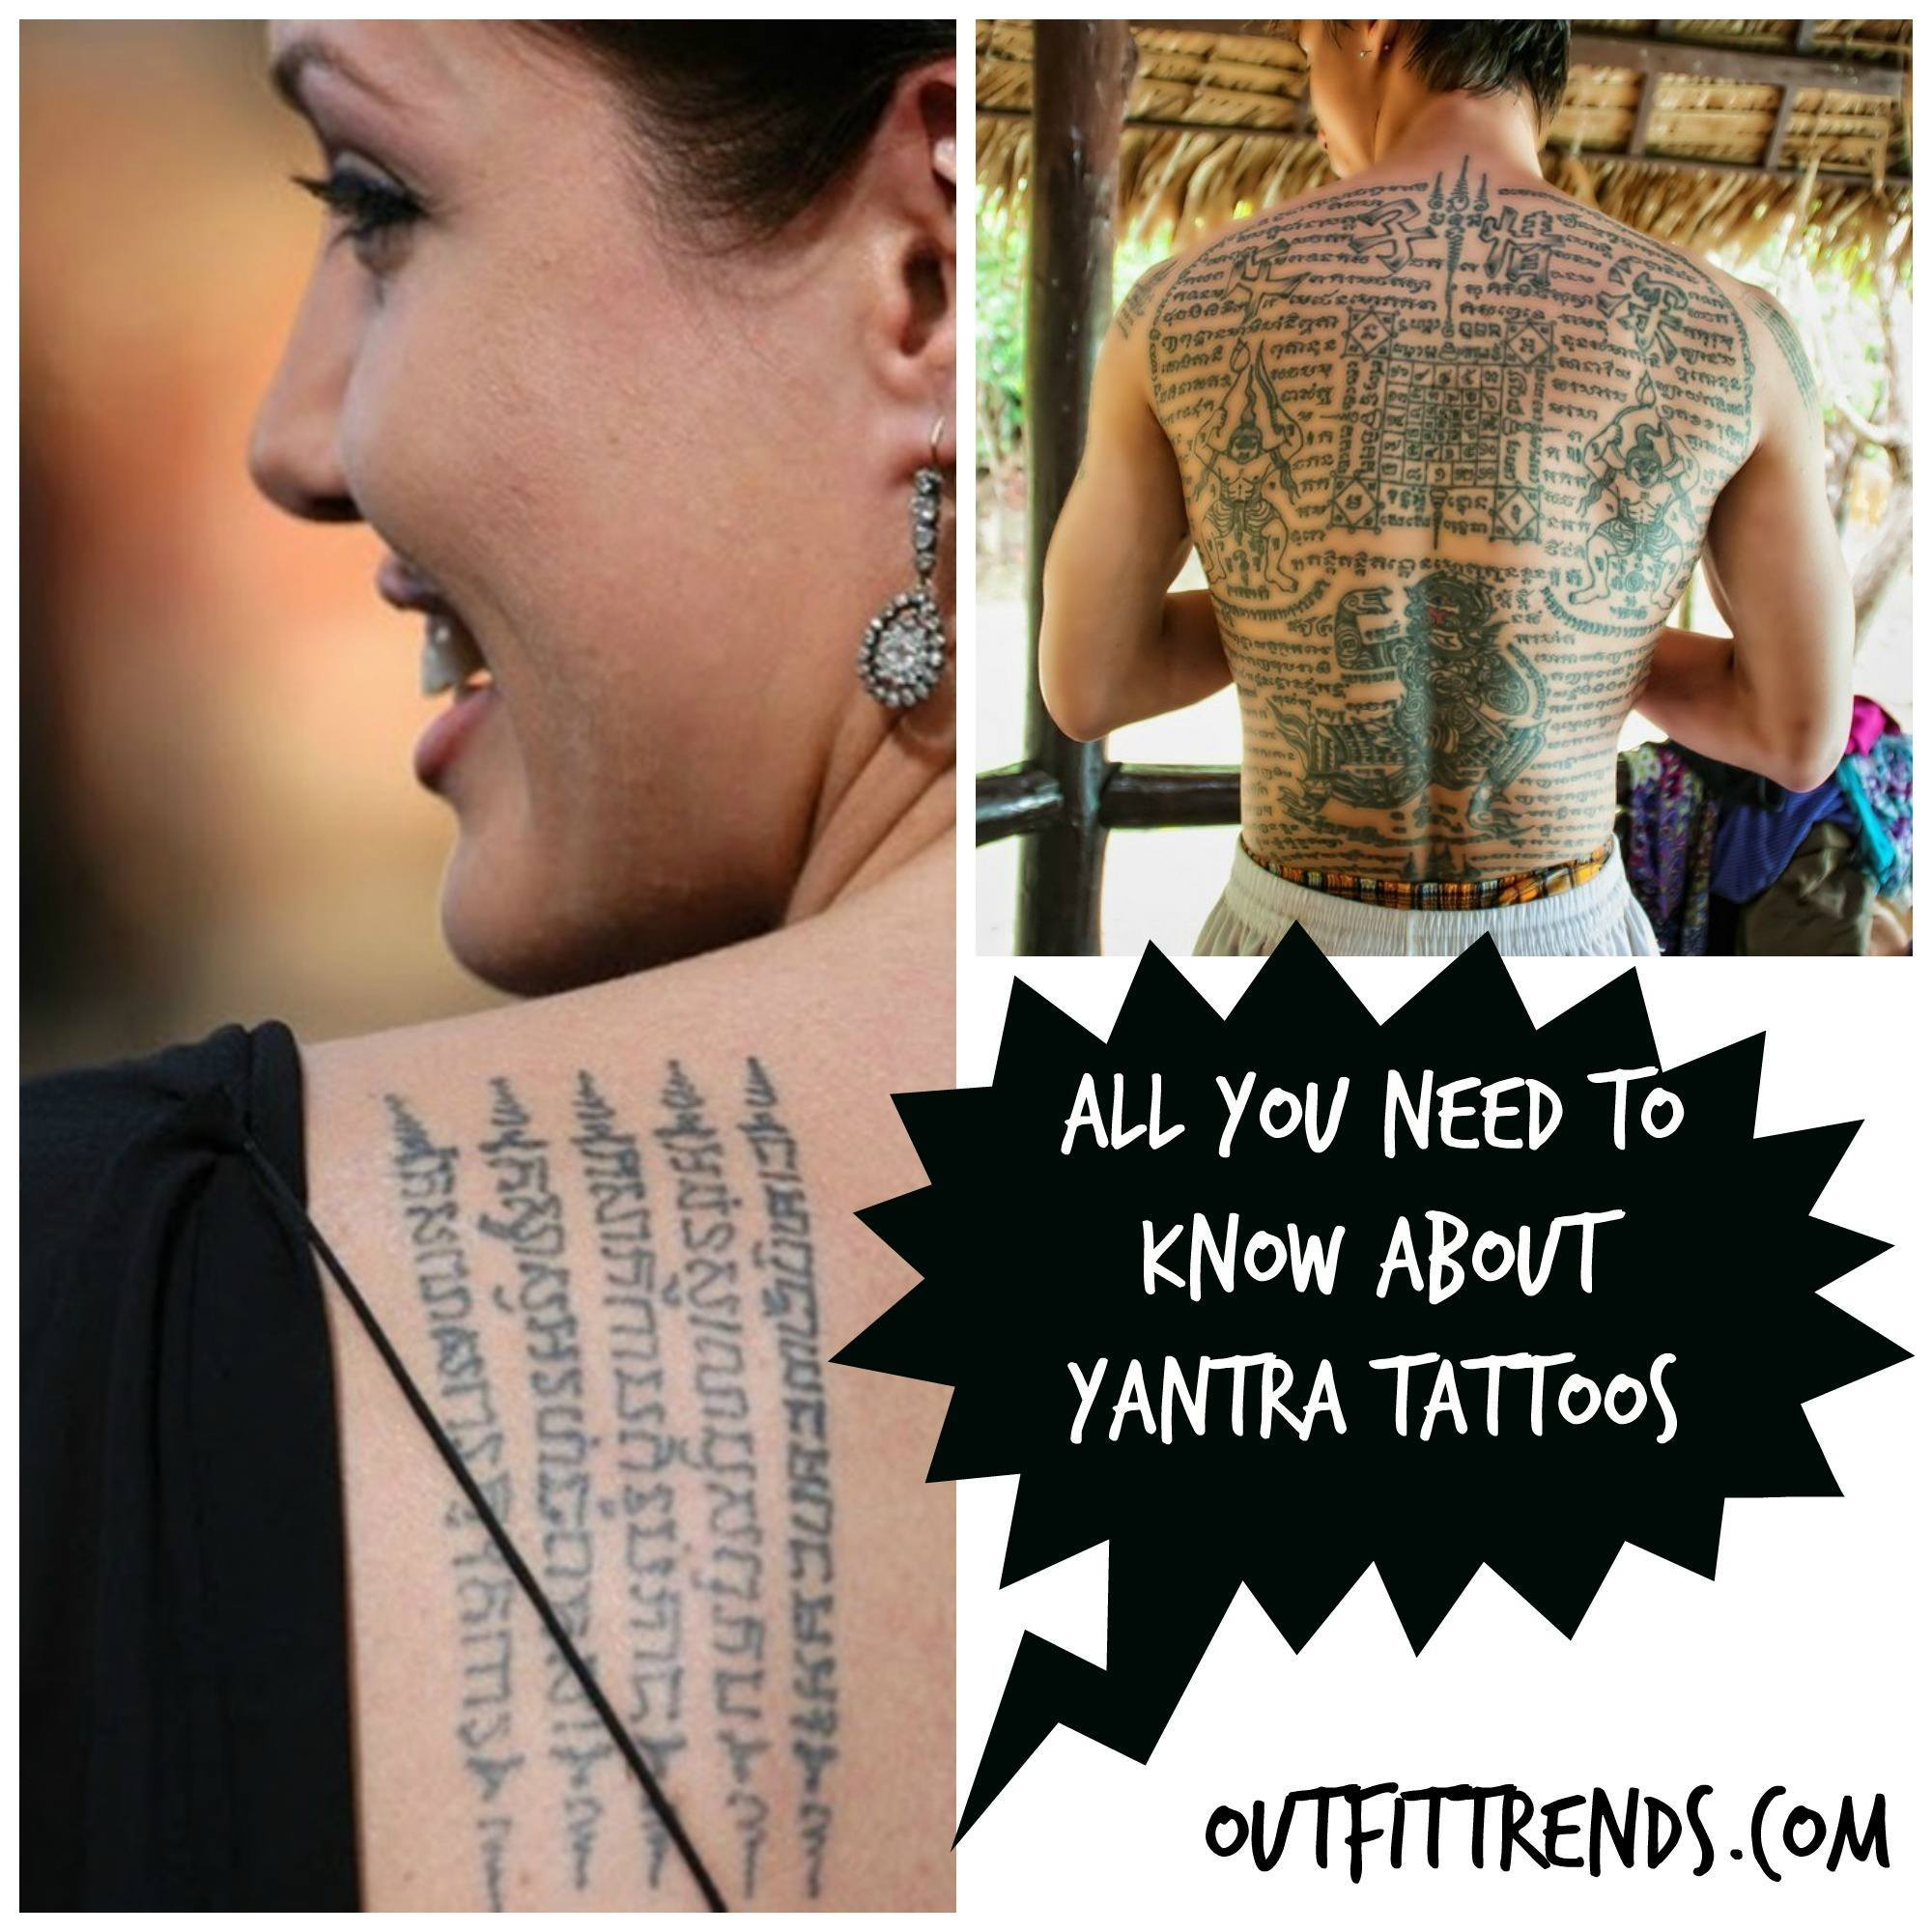 yantra tattoos